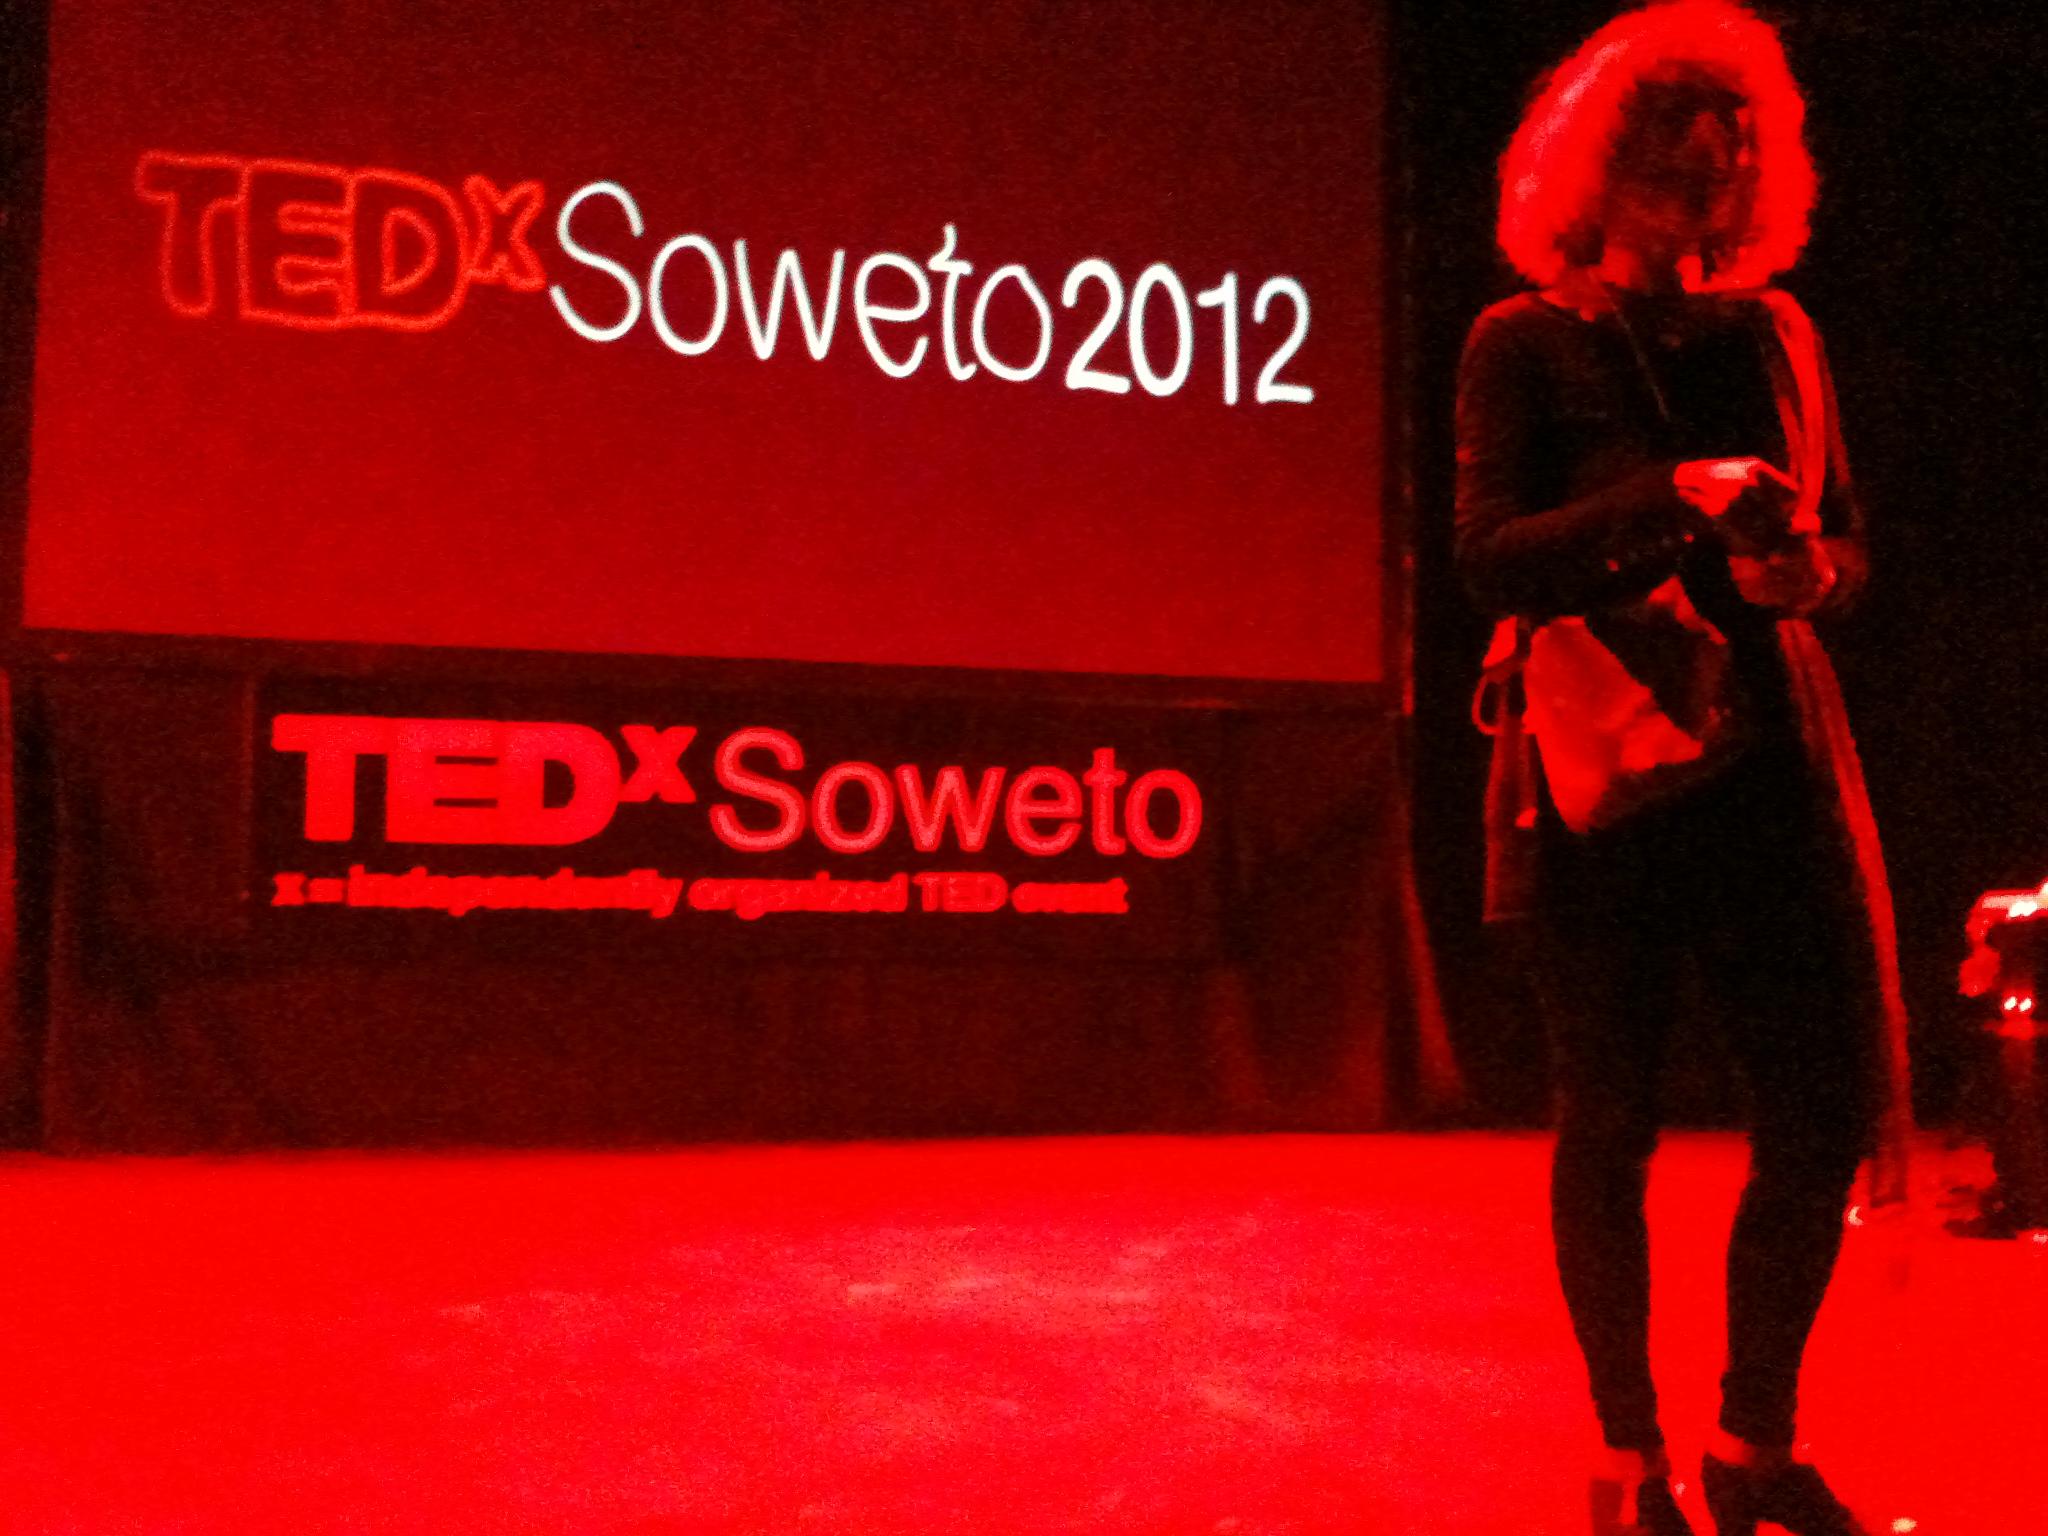 """<img src=http://""""TEDxSoweto_2012_Leapfrog_Speaker_Miche_Fabre_Lewin.png""""?w=504&h=378 alt=""""TEDxSoweto 2012 Leapfrog Speaker Miche Fabre Lewin"""">"""